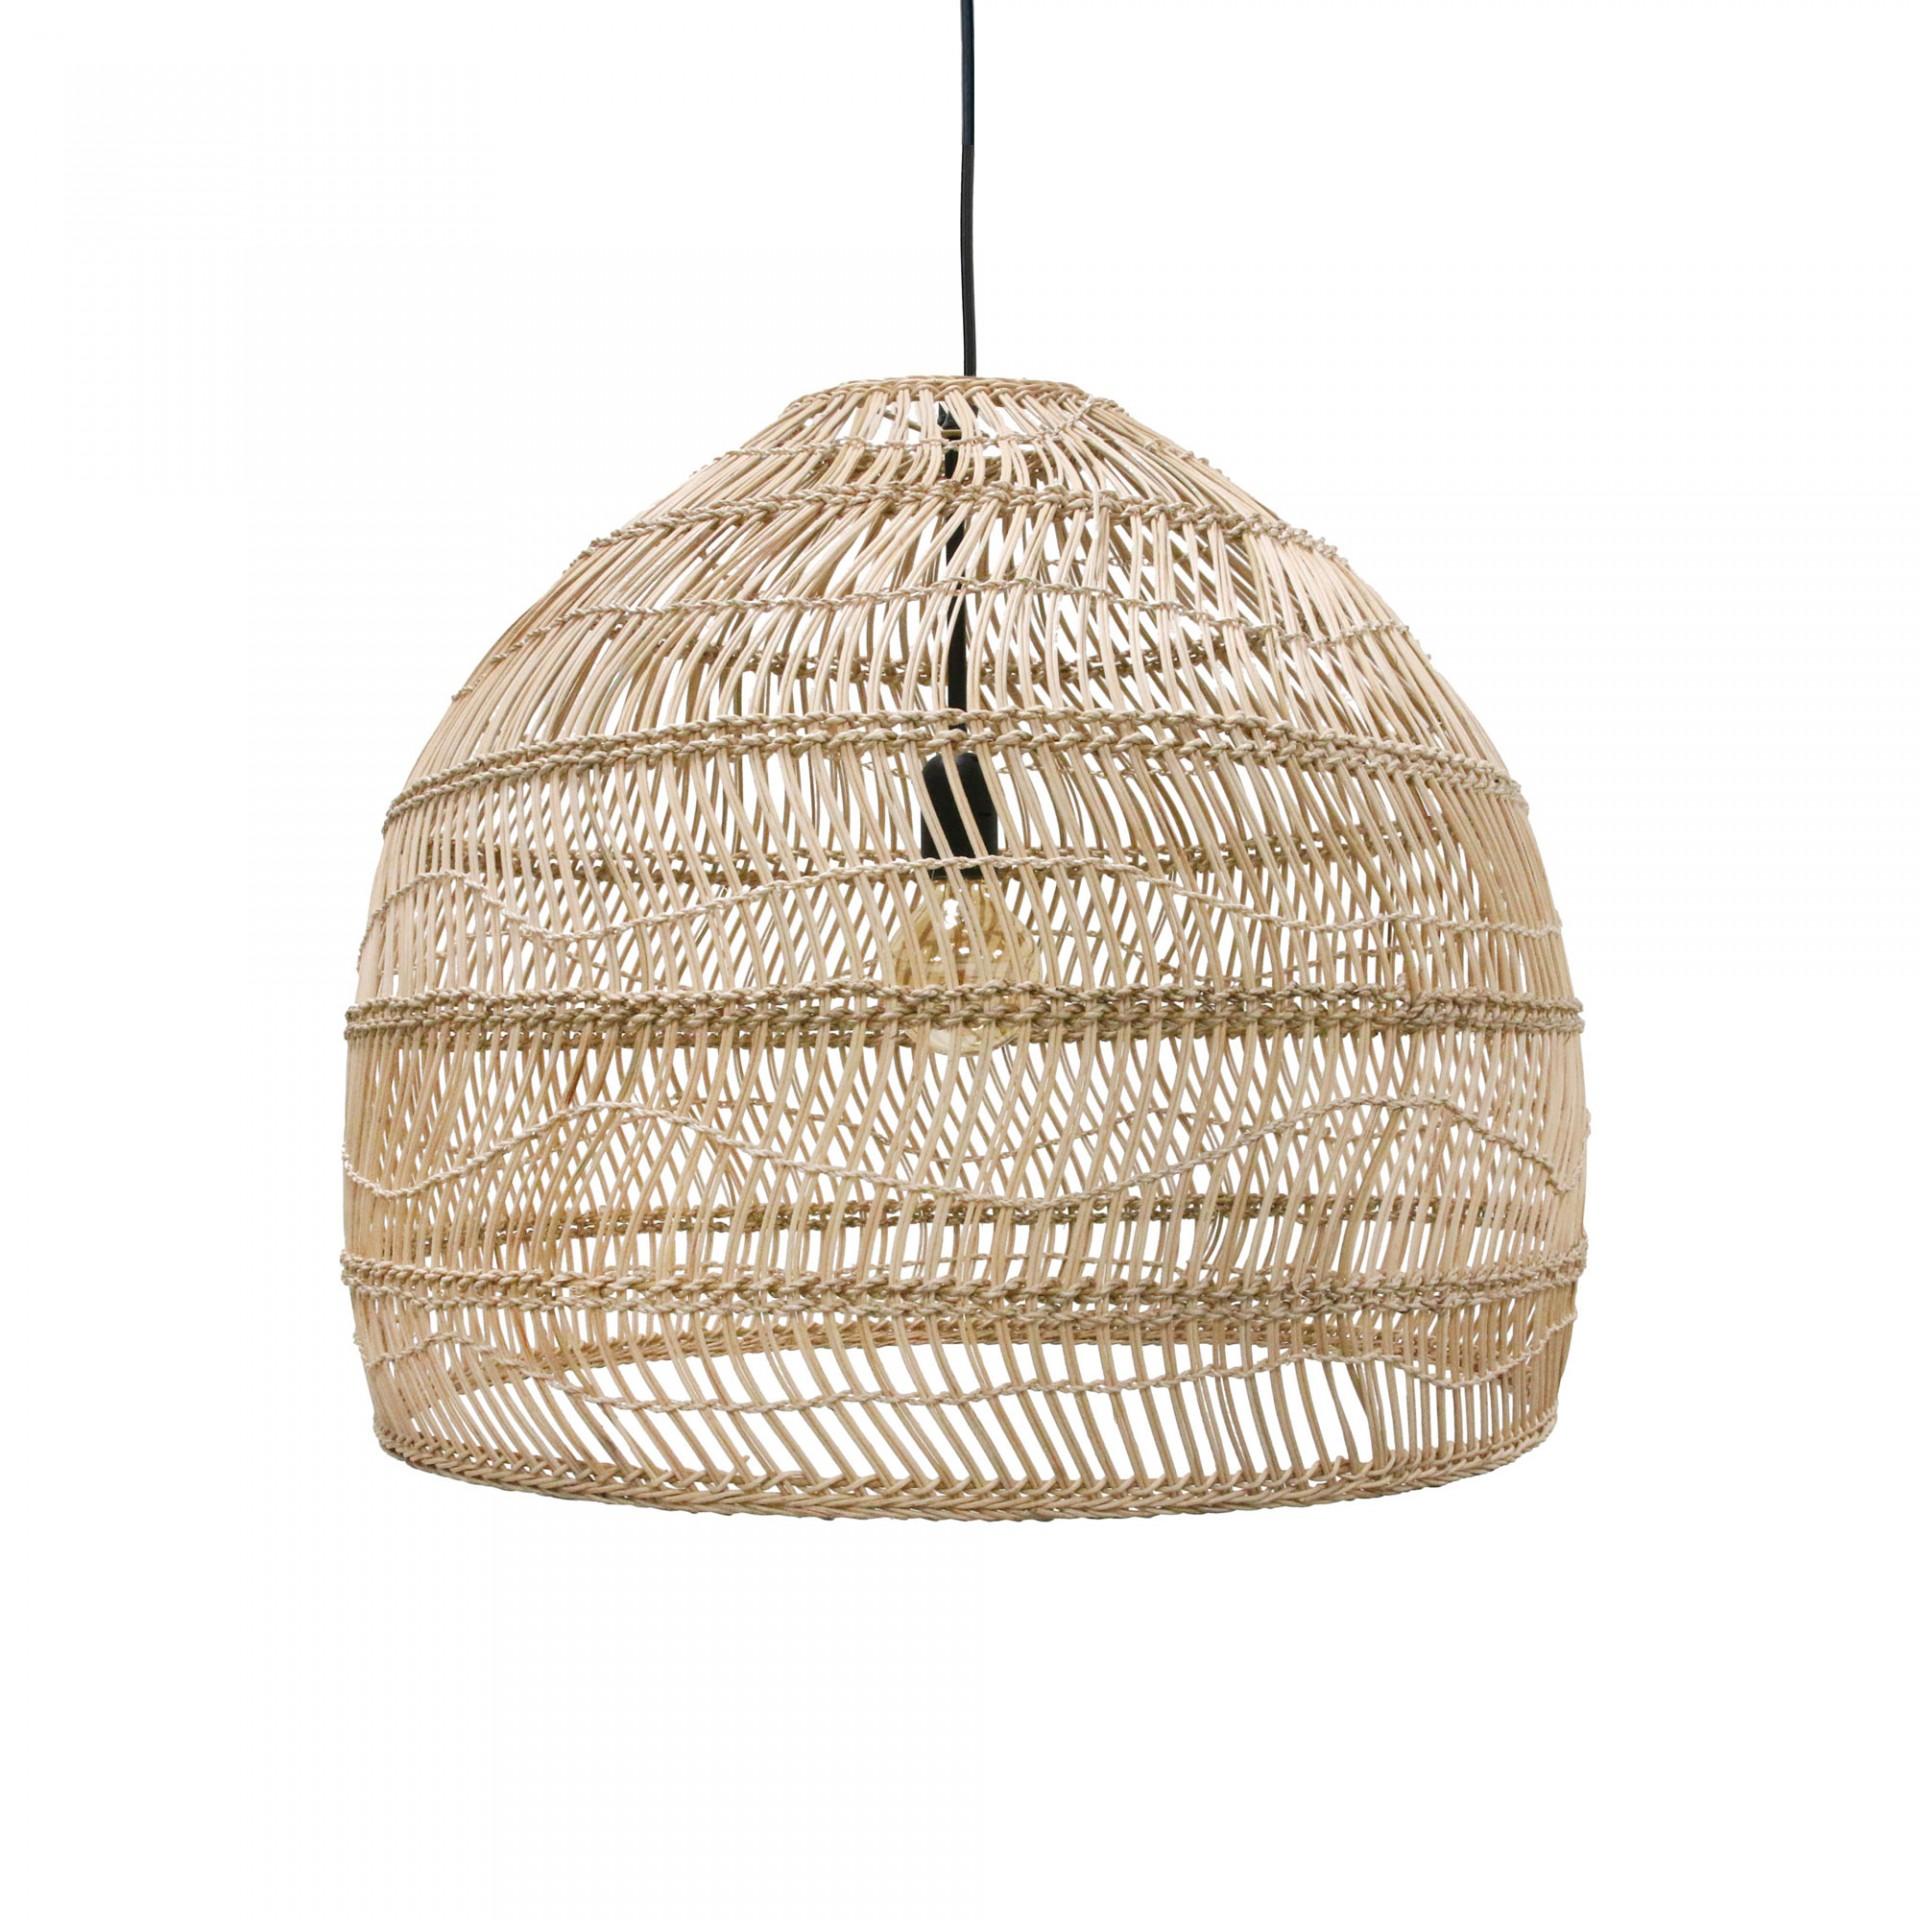 Candeeiro de tecto, vime natural, Ø60x50 cm